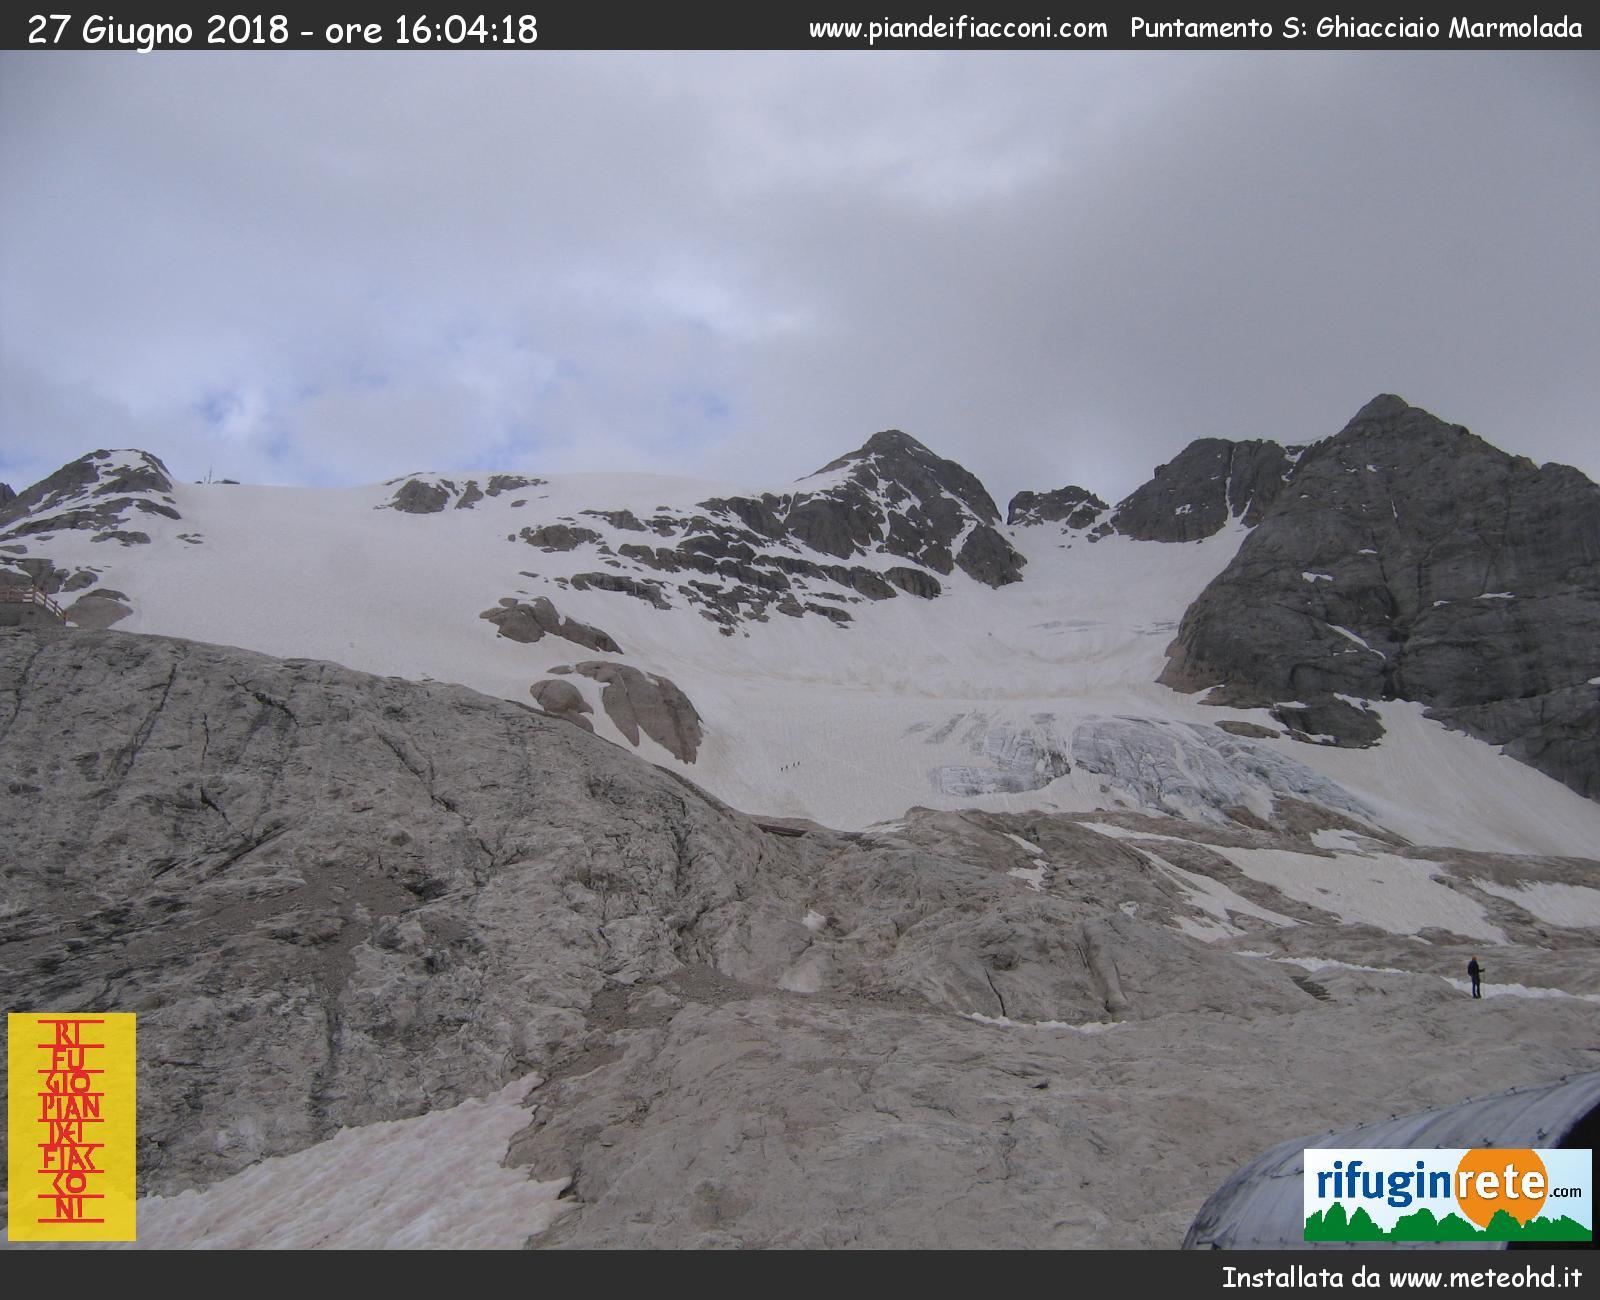 Il calo del ghiacciaio della Marmolada-marmolada-ghiacciaio-06-27-18-gia-affioramenti.jpg